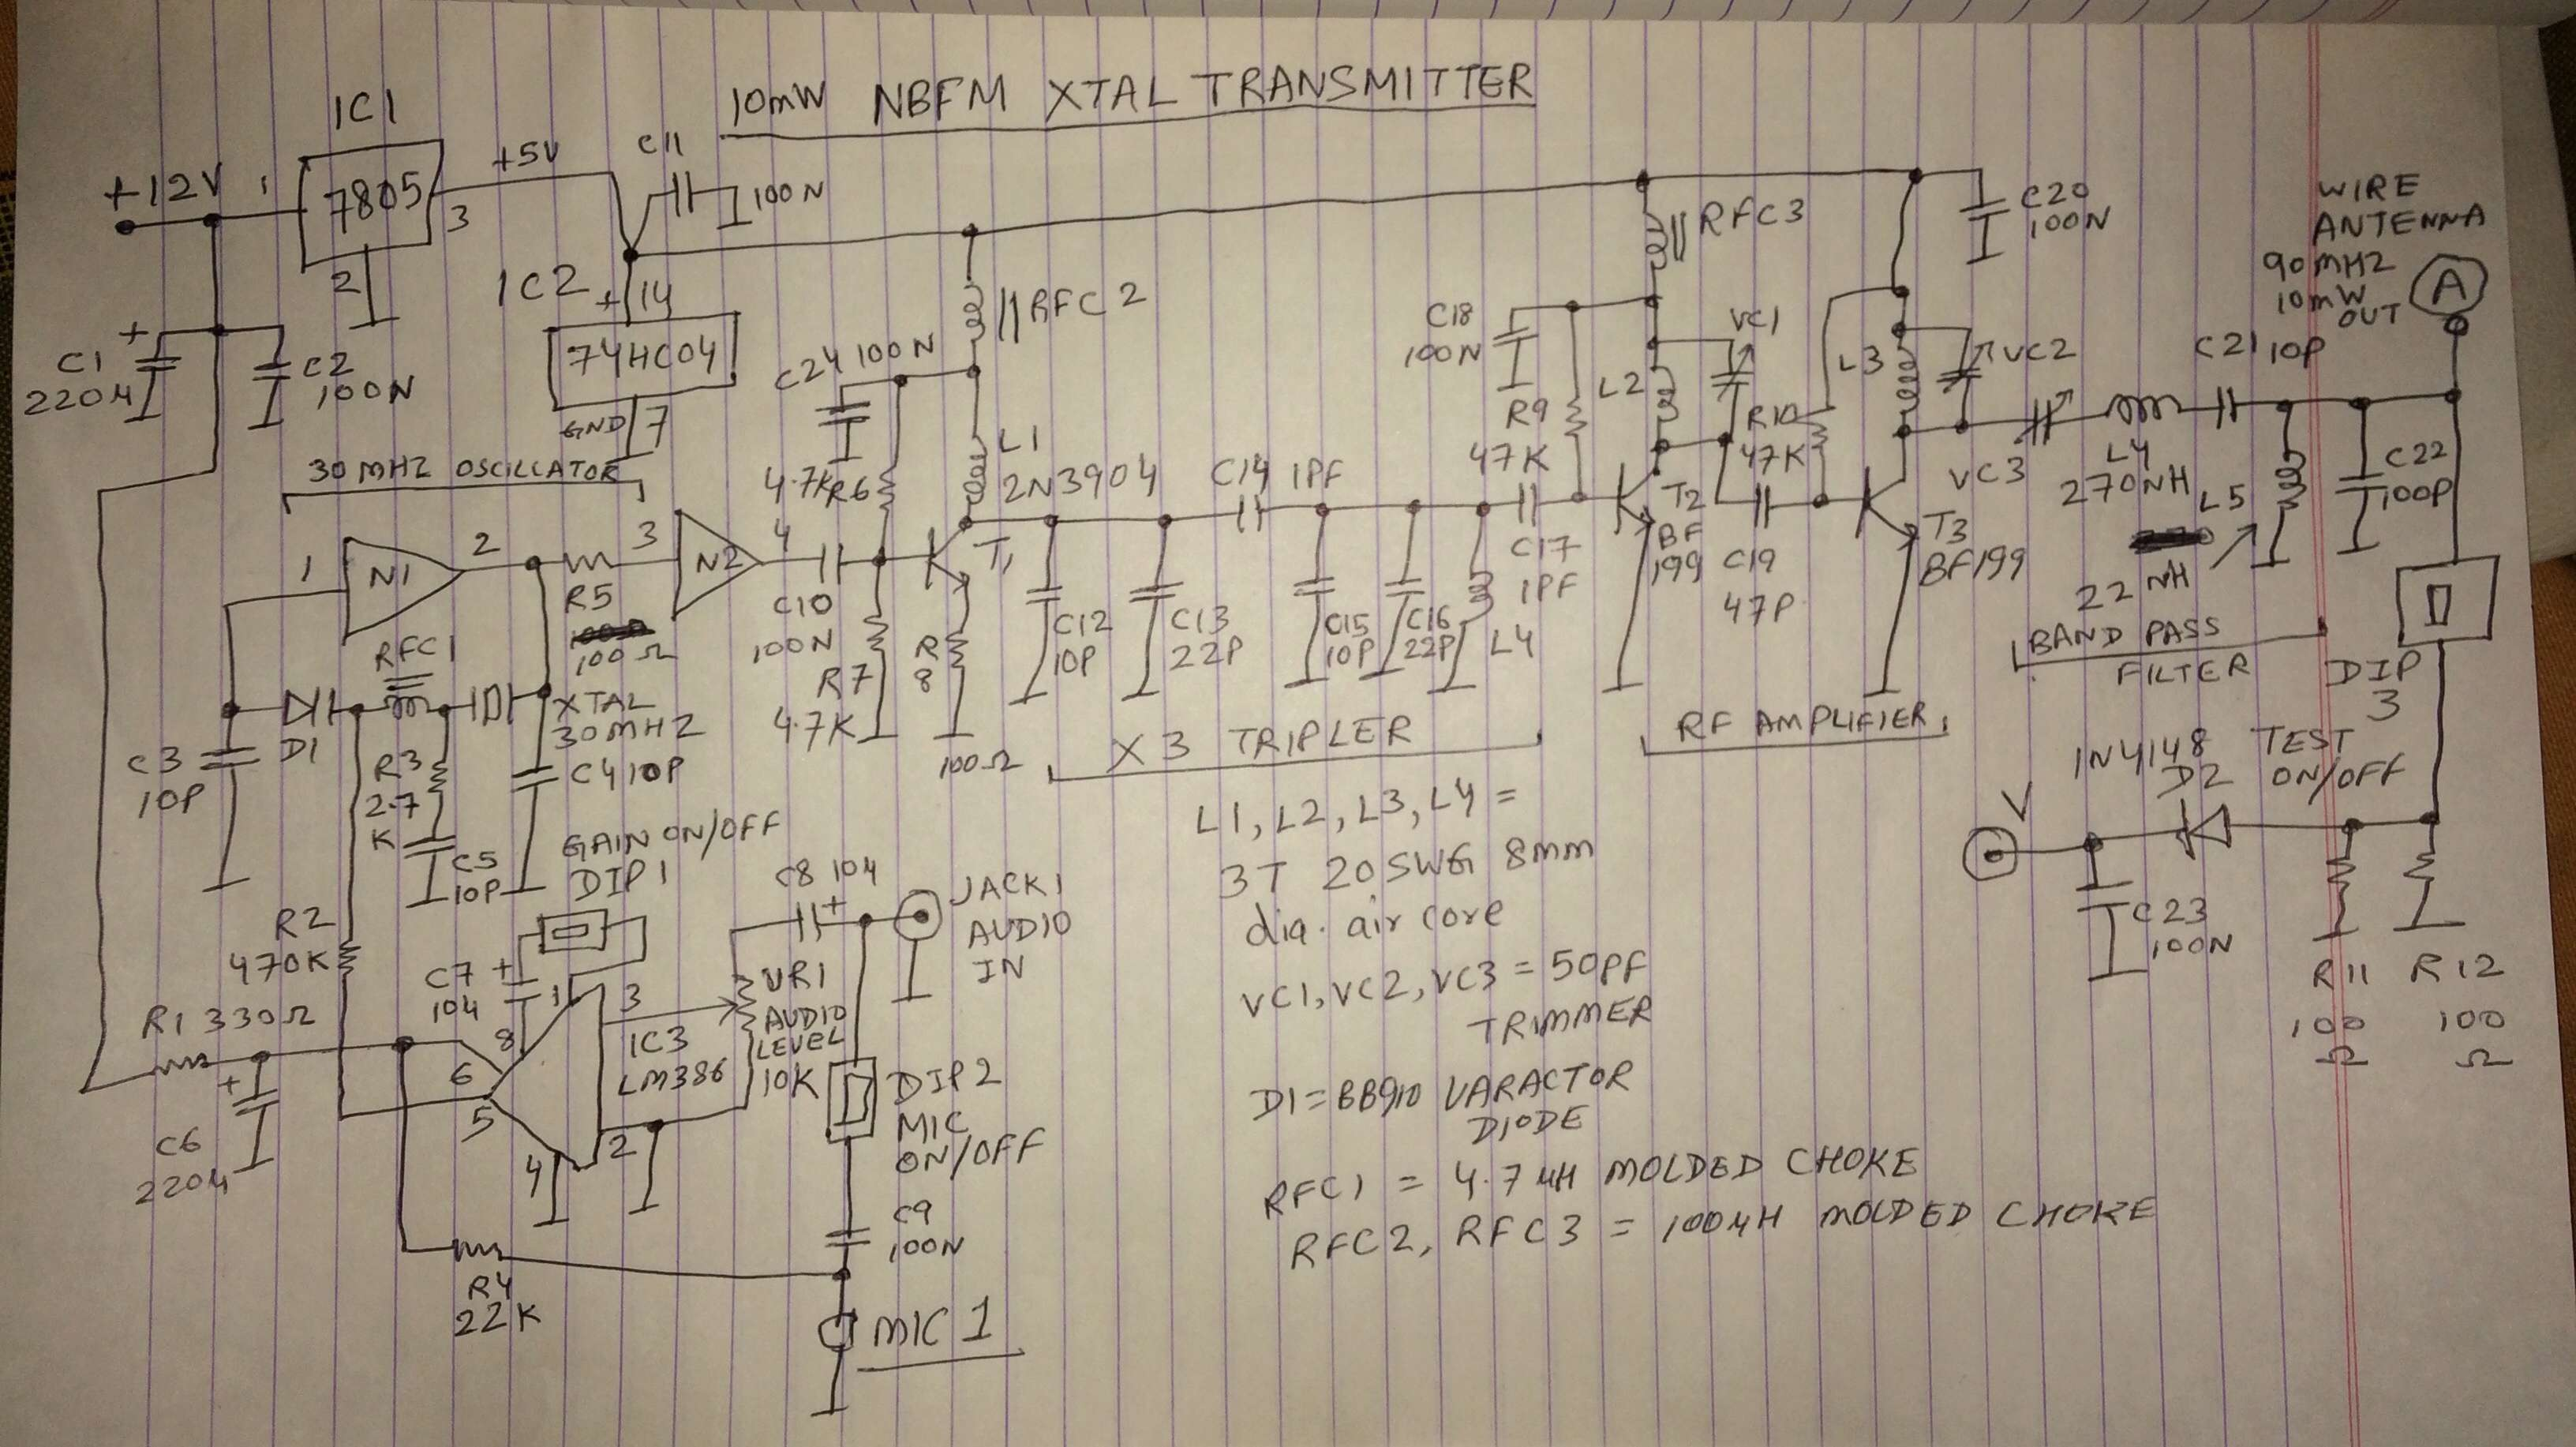 10 mW NBFM Transmitter Schematic  2263de10